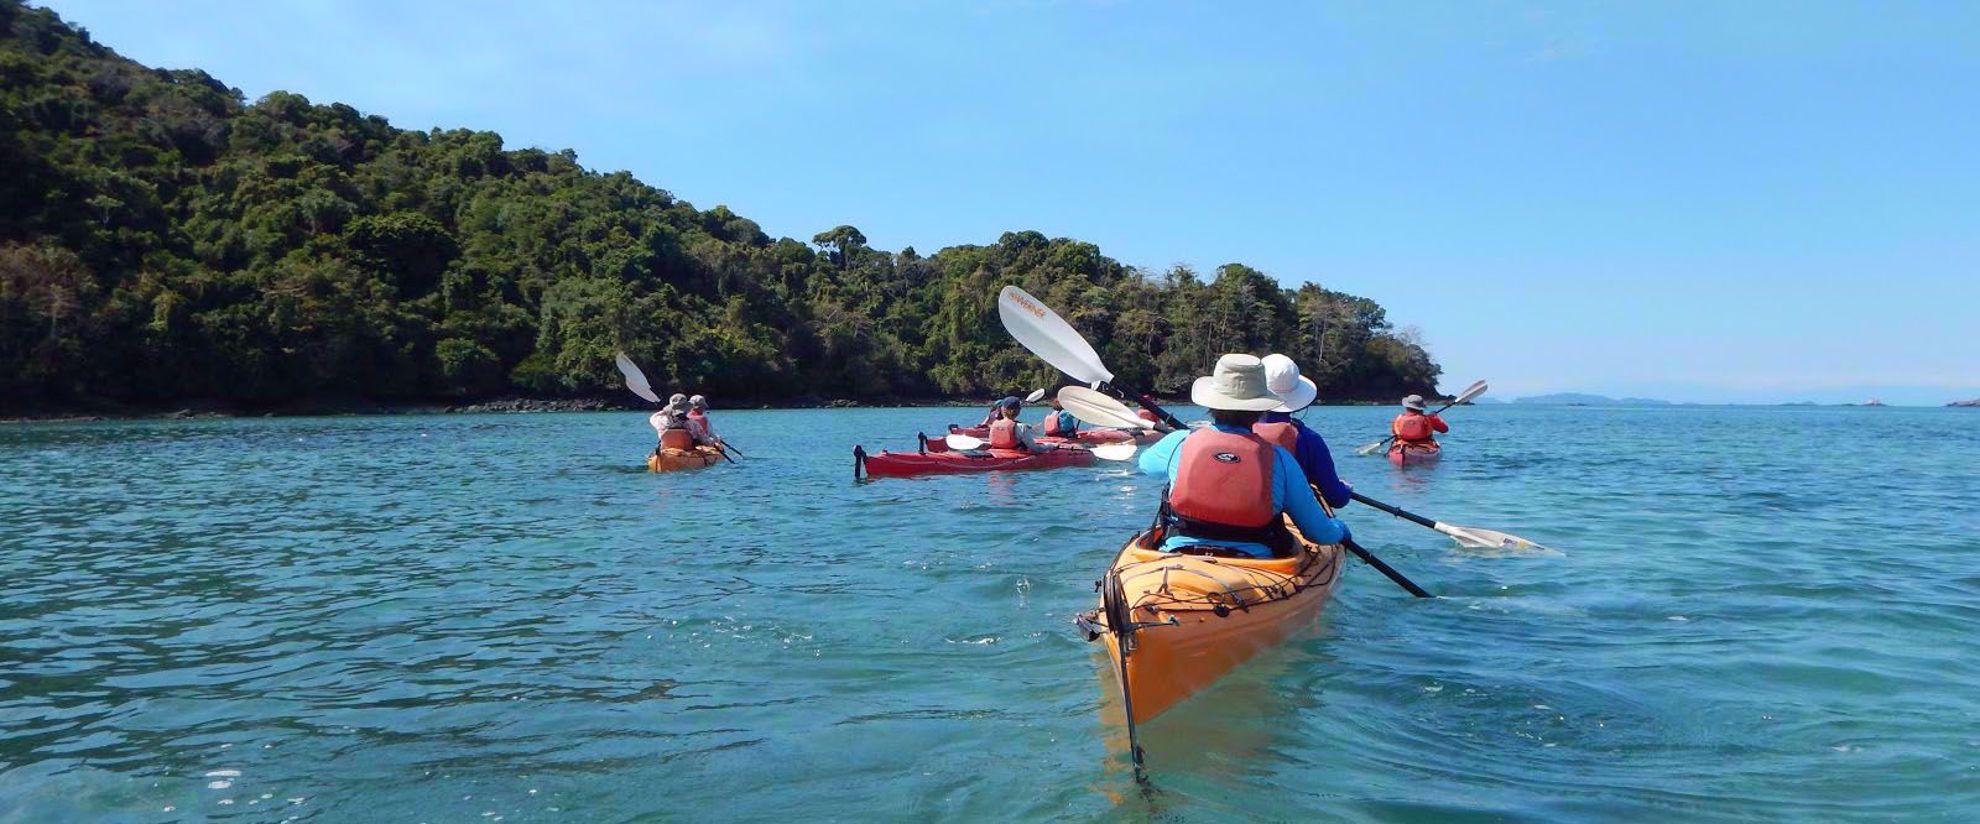 women's tour group kayak panama